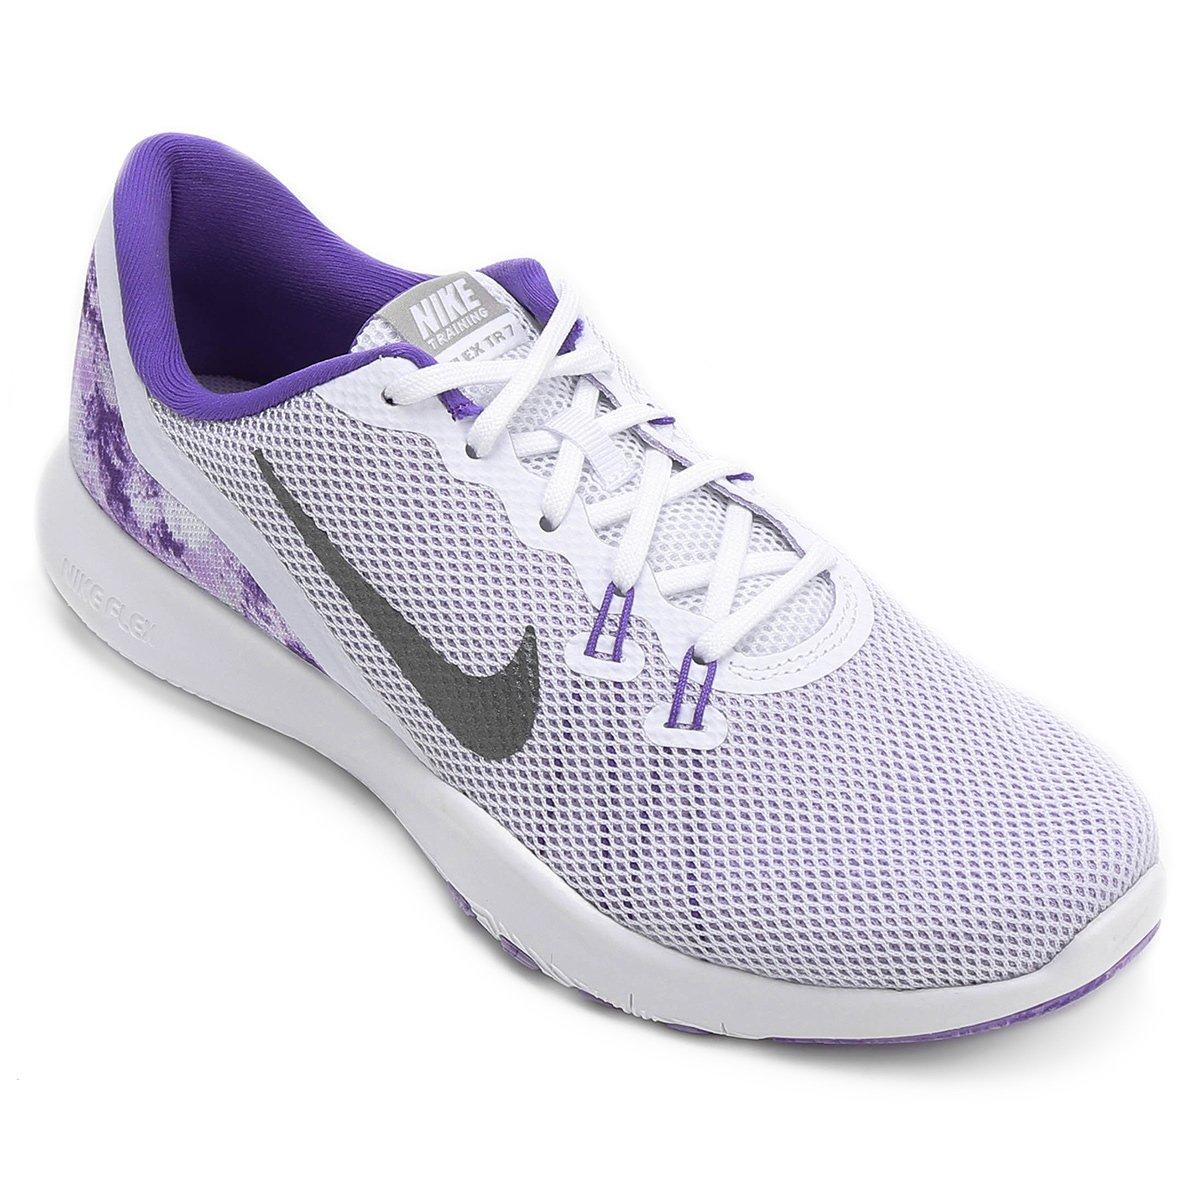 Tênis Nike Flex TR 7 Feminino - Compre Agora  fc5c53d60070f